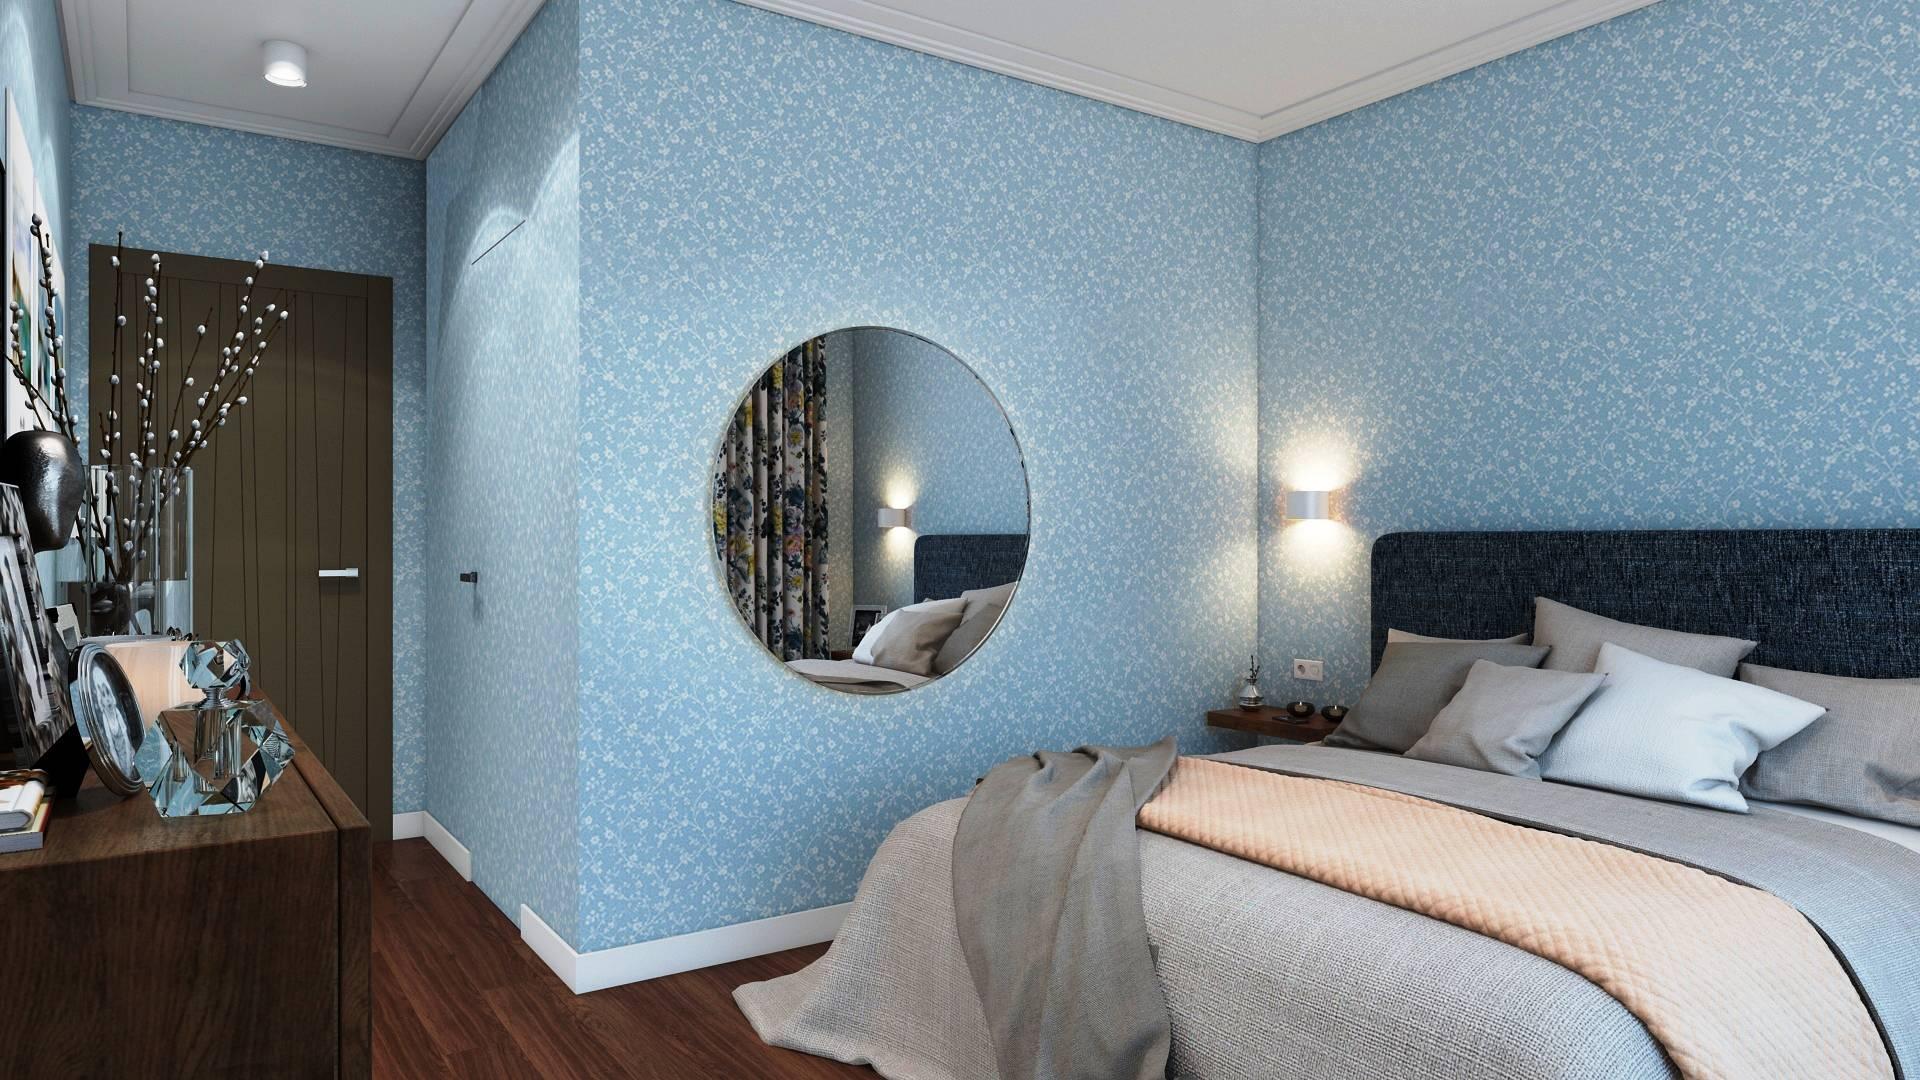 Какие шторы подойдут к голубым обоям в спальне?